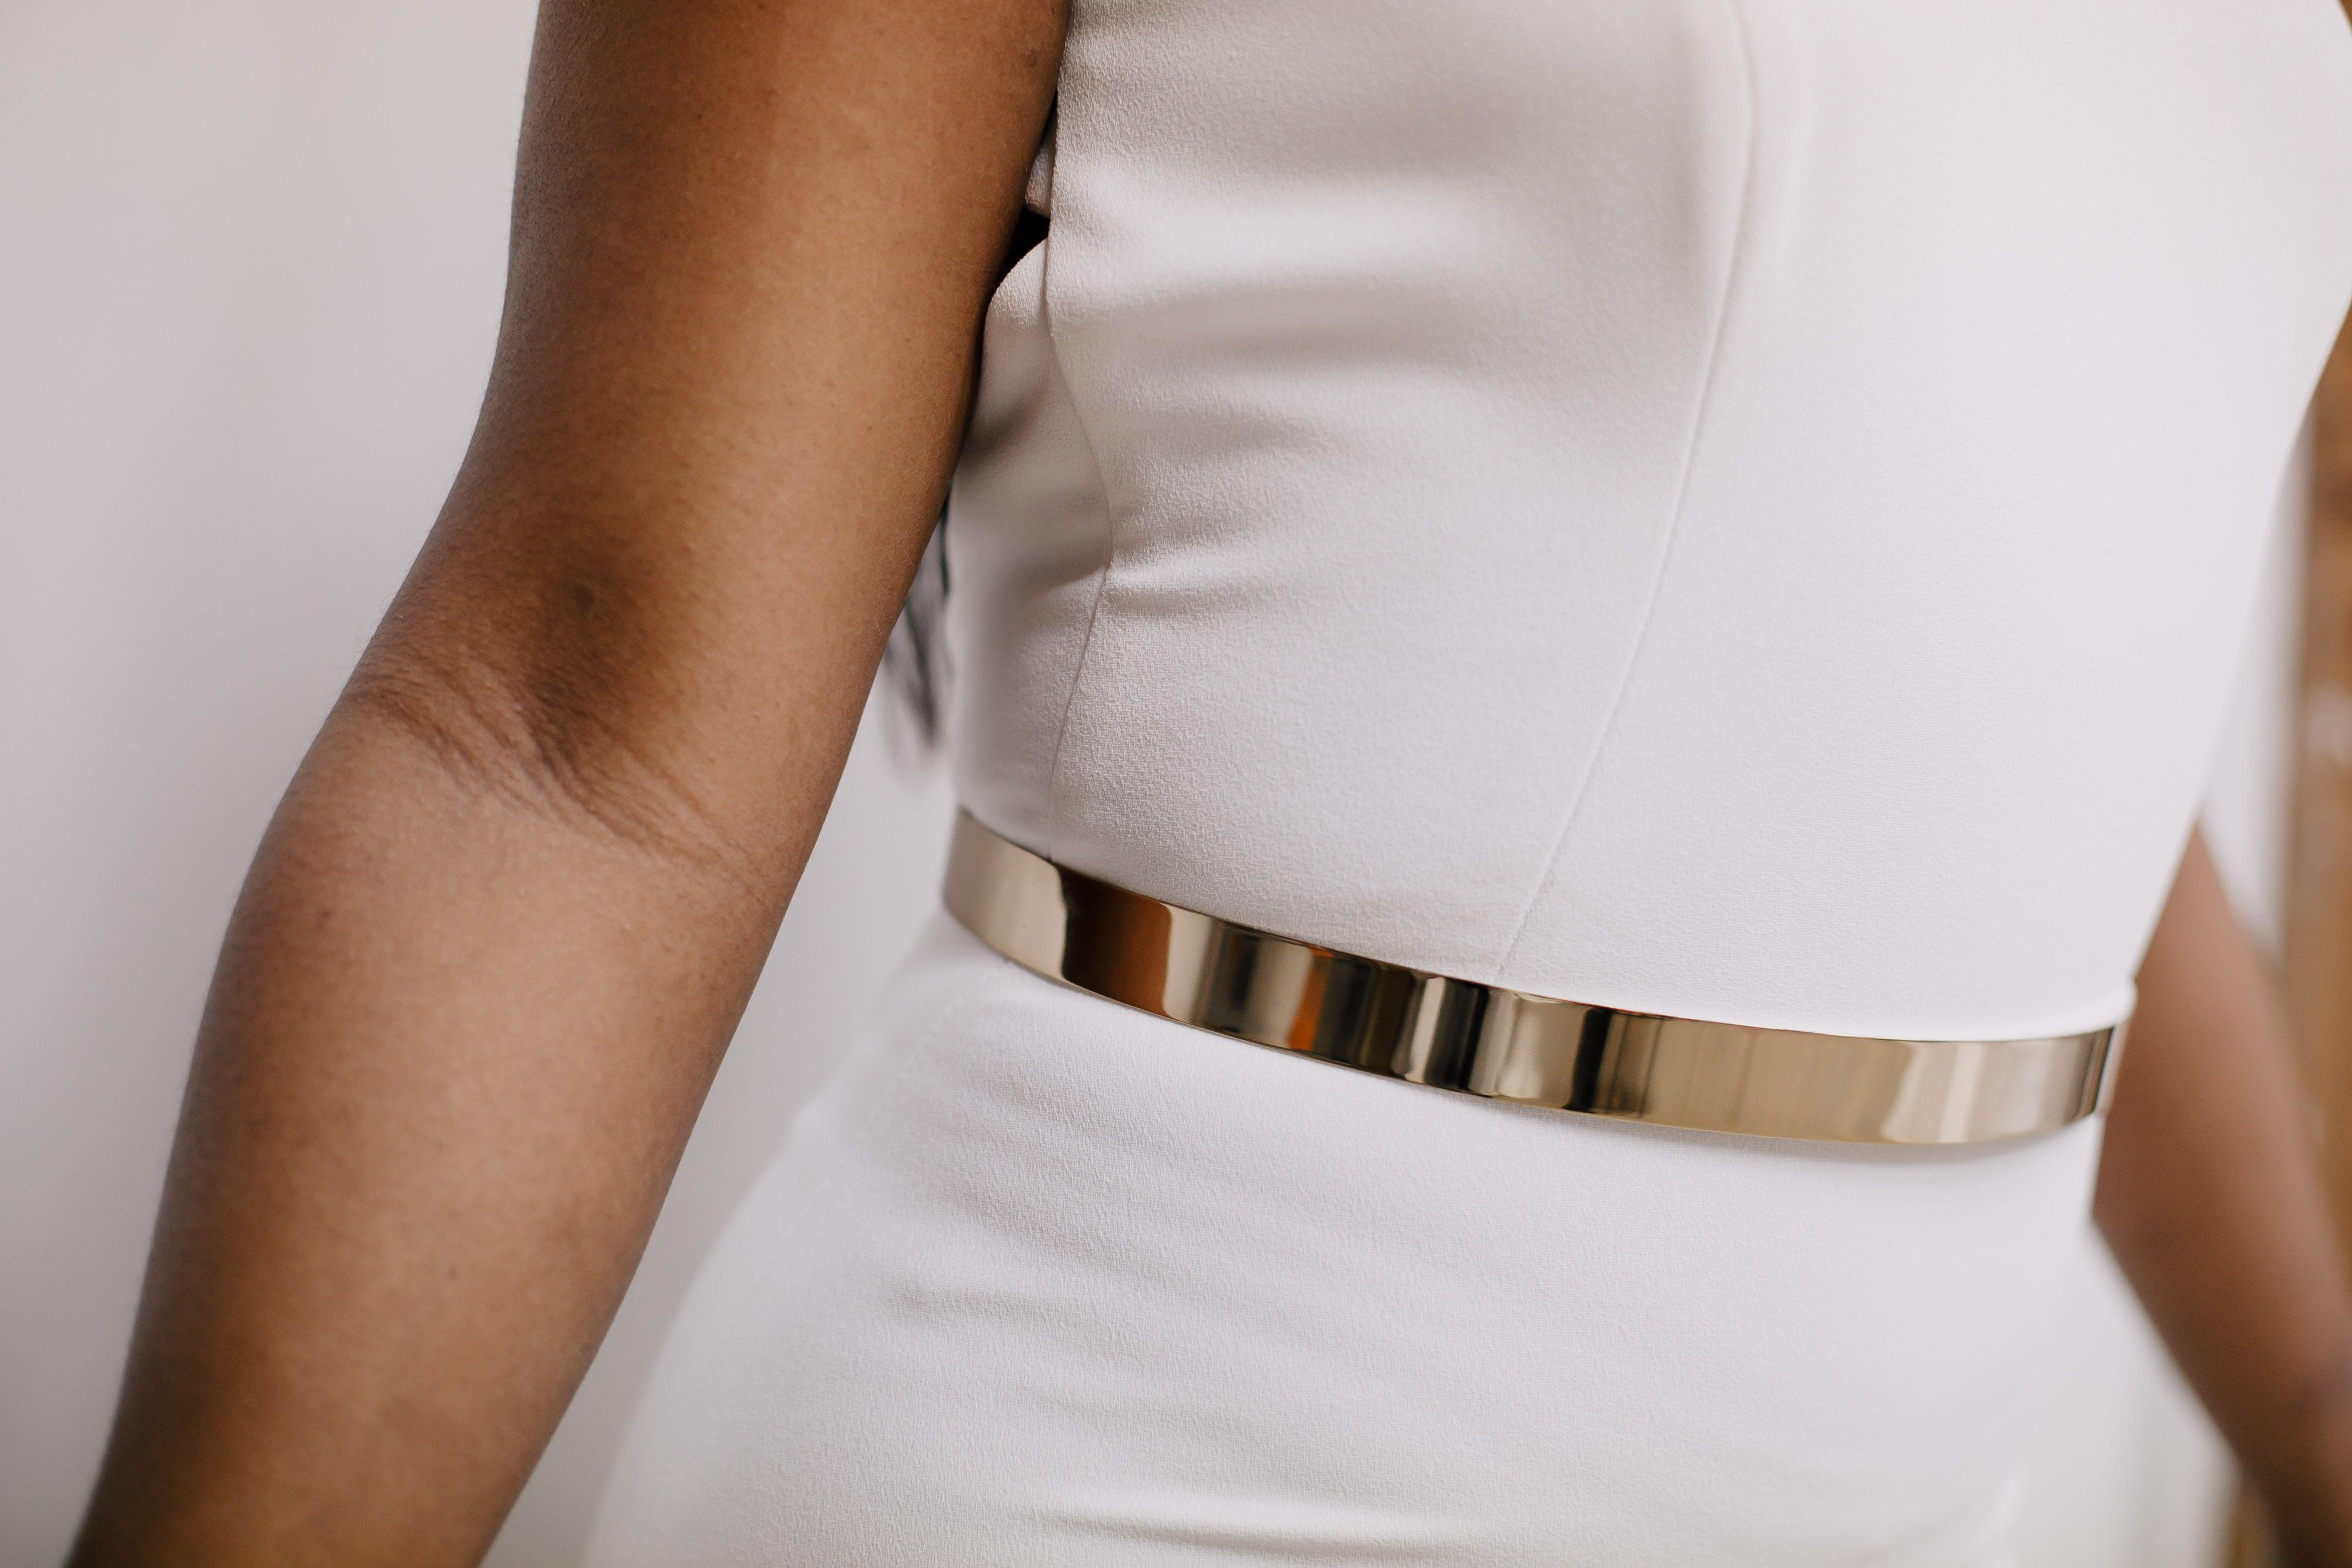 Gold Metal Belt Wedding Dress Accessories Belt Gold Wedding Dress Belt Gold Metal Belt